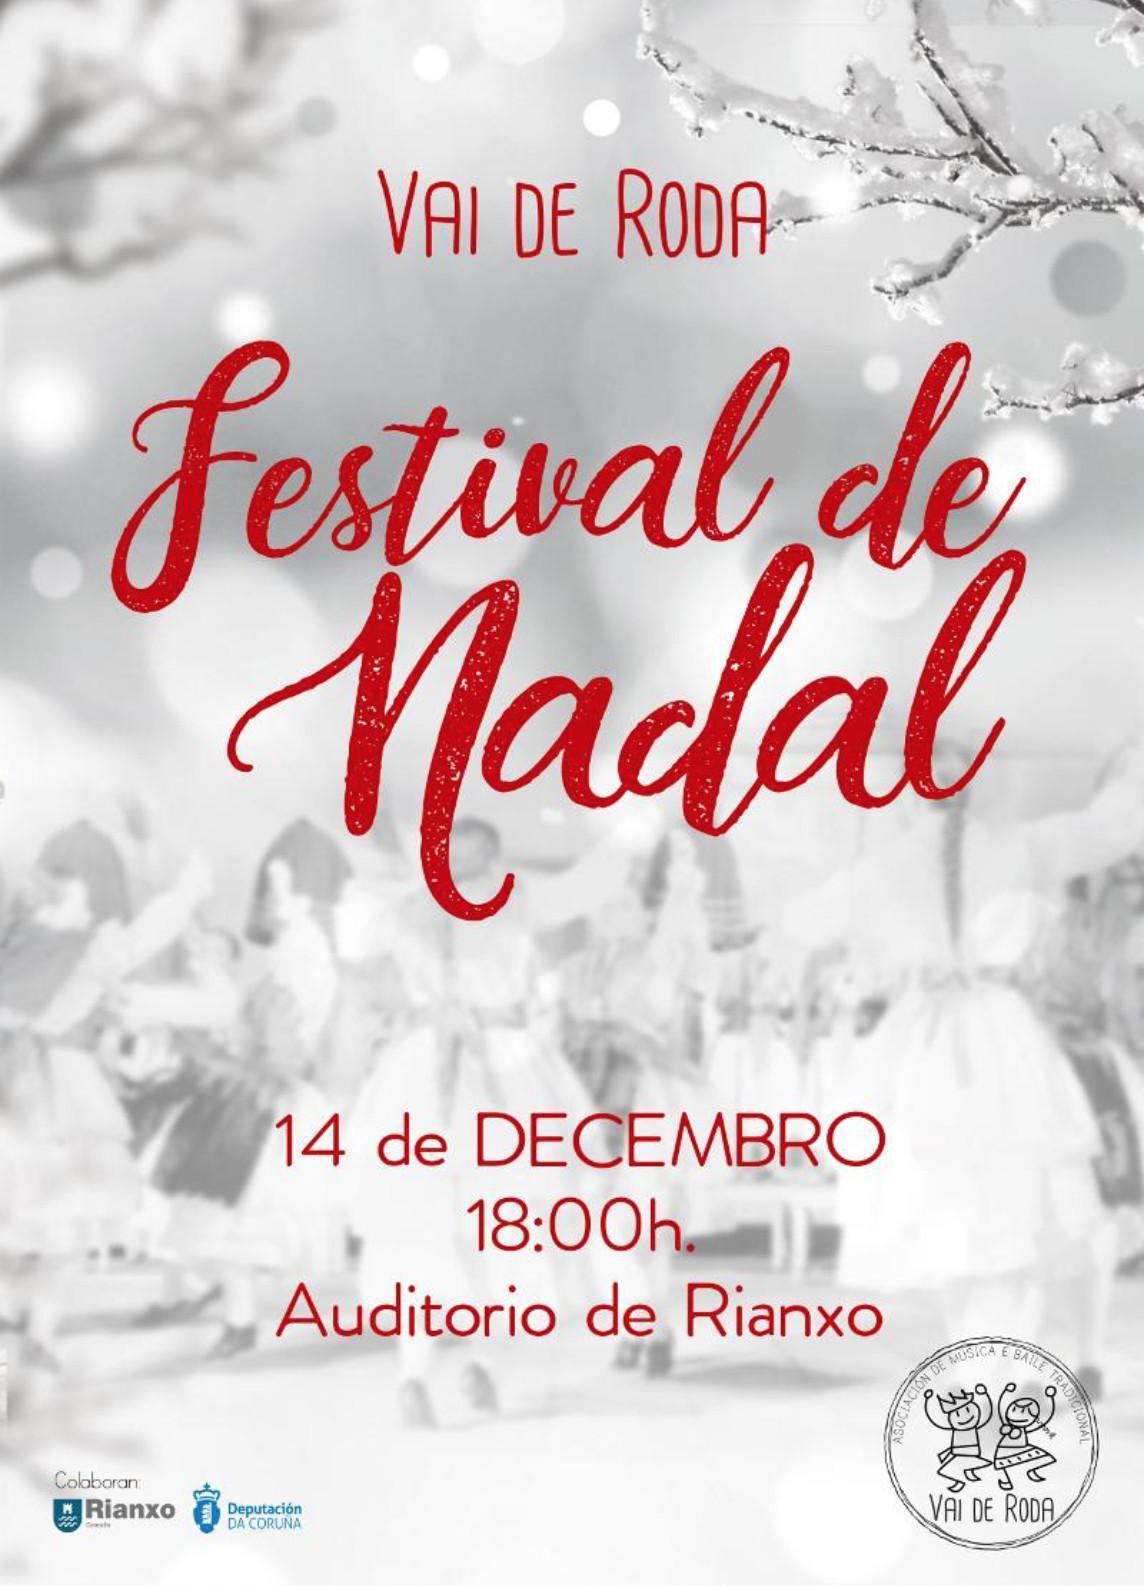 Festival de Nadal da Asociación Vai de Roda